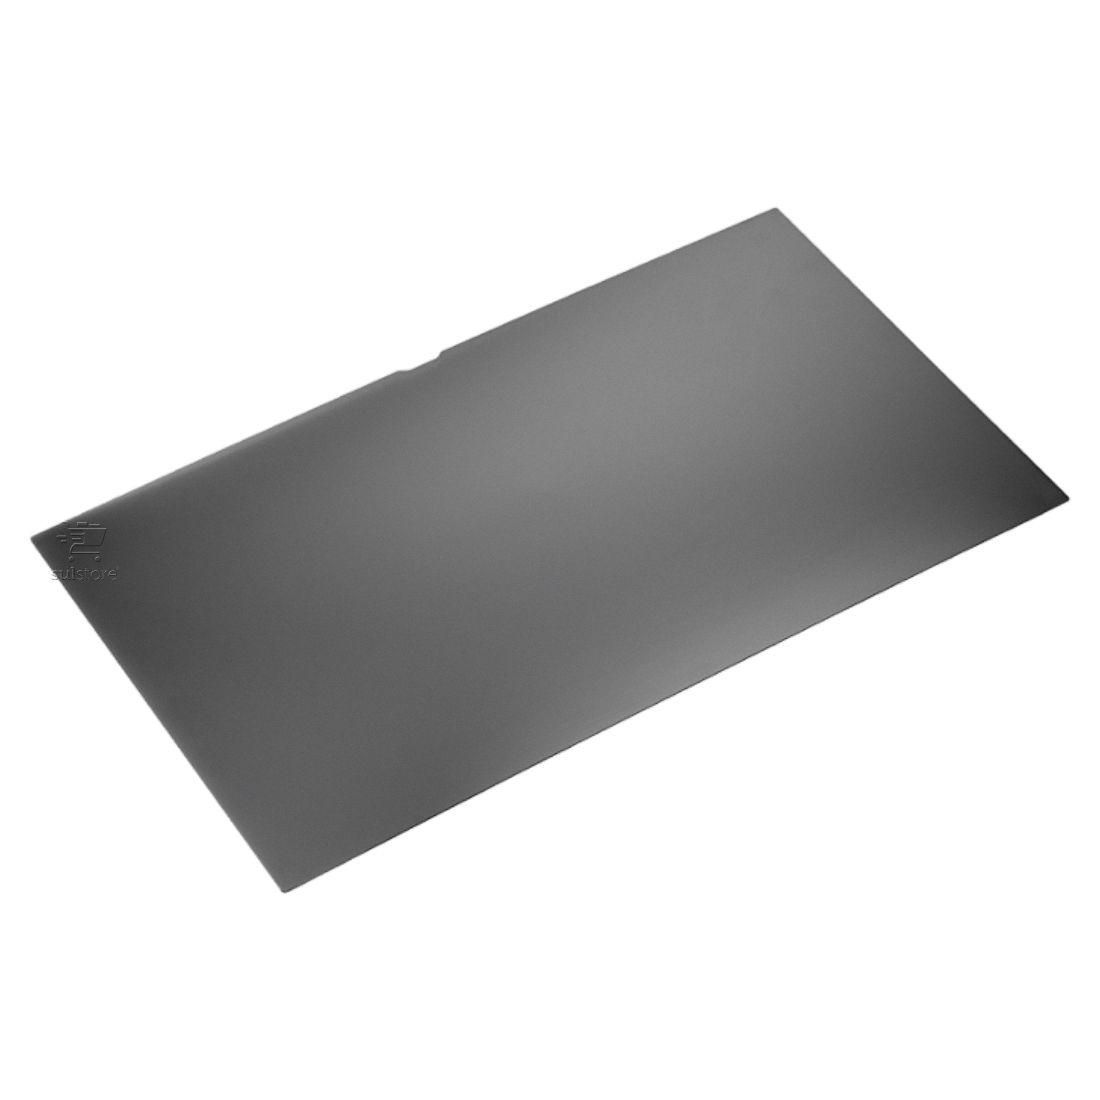 Filtro de Privacidade HP Para Notebook De 14 Polegadas 784001-001